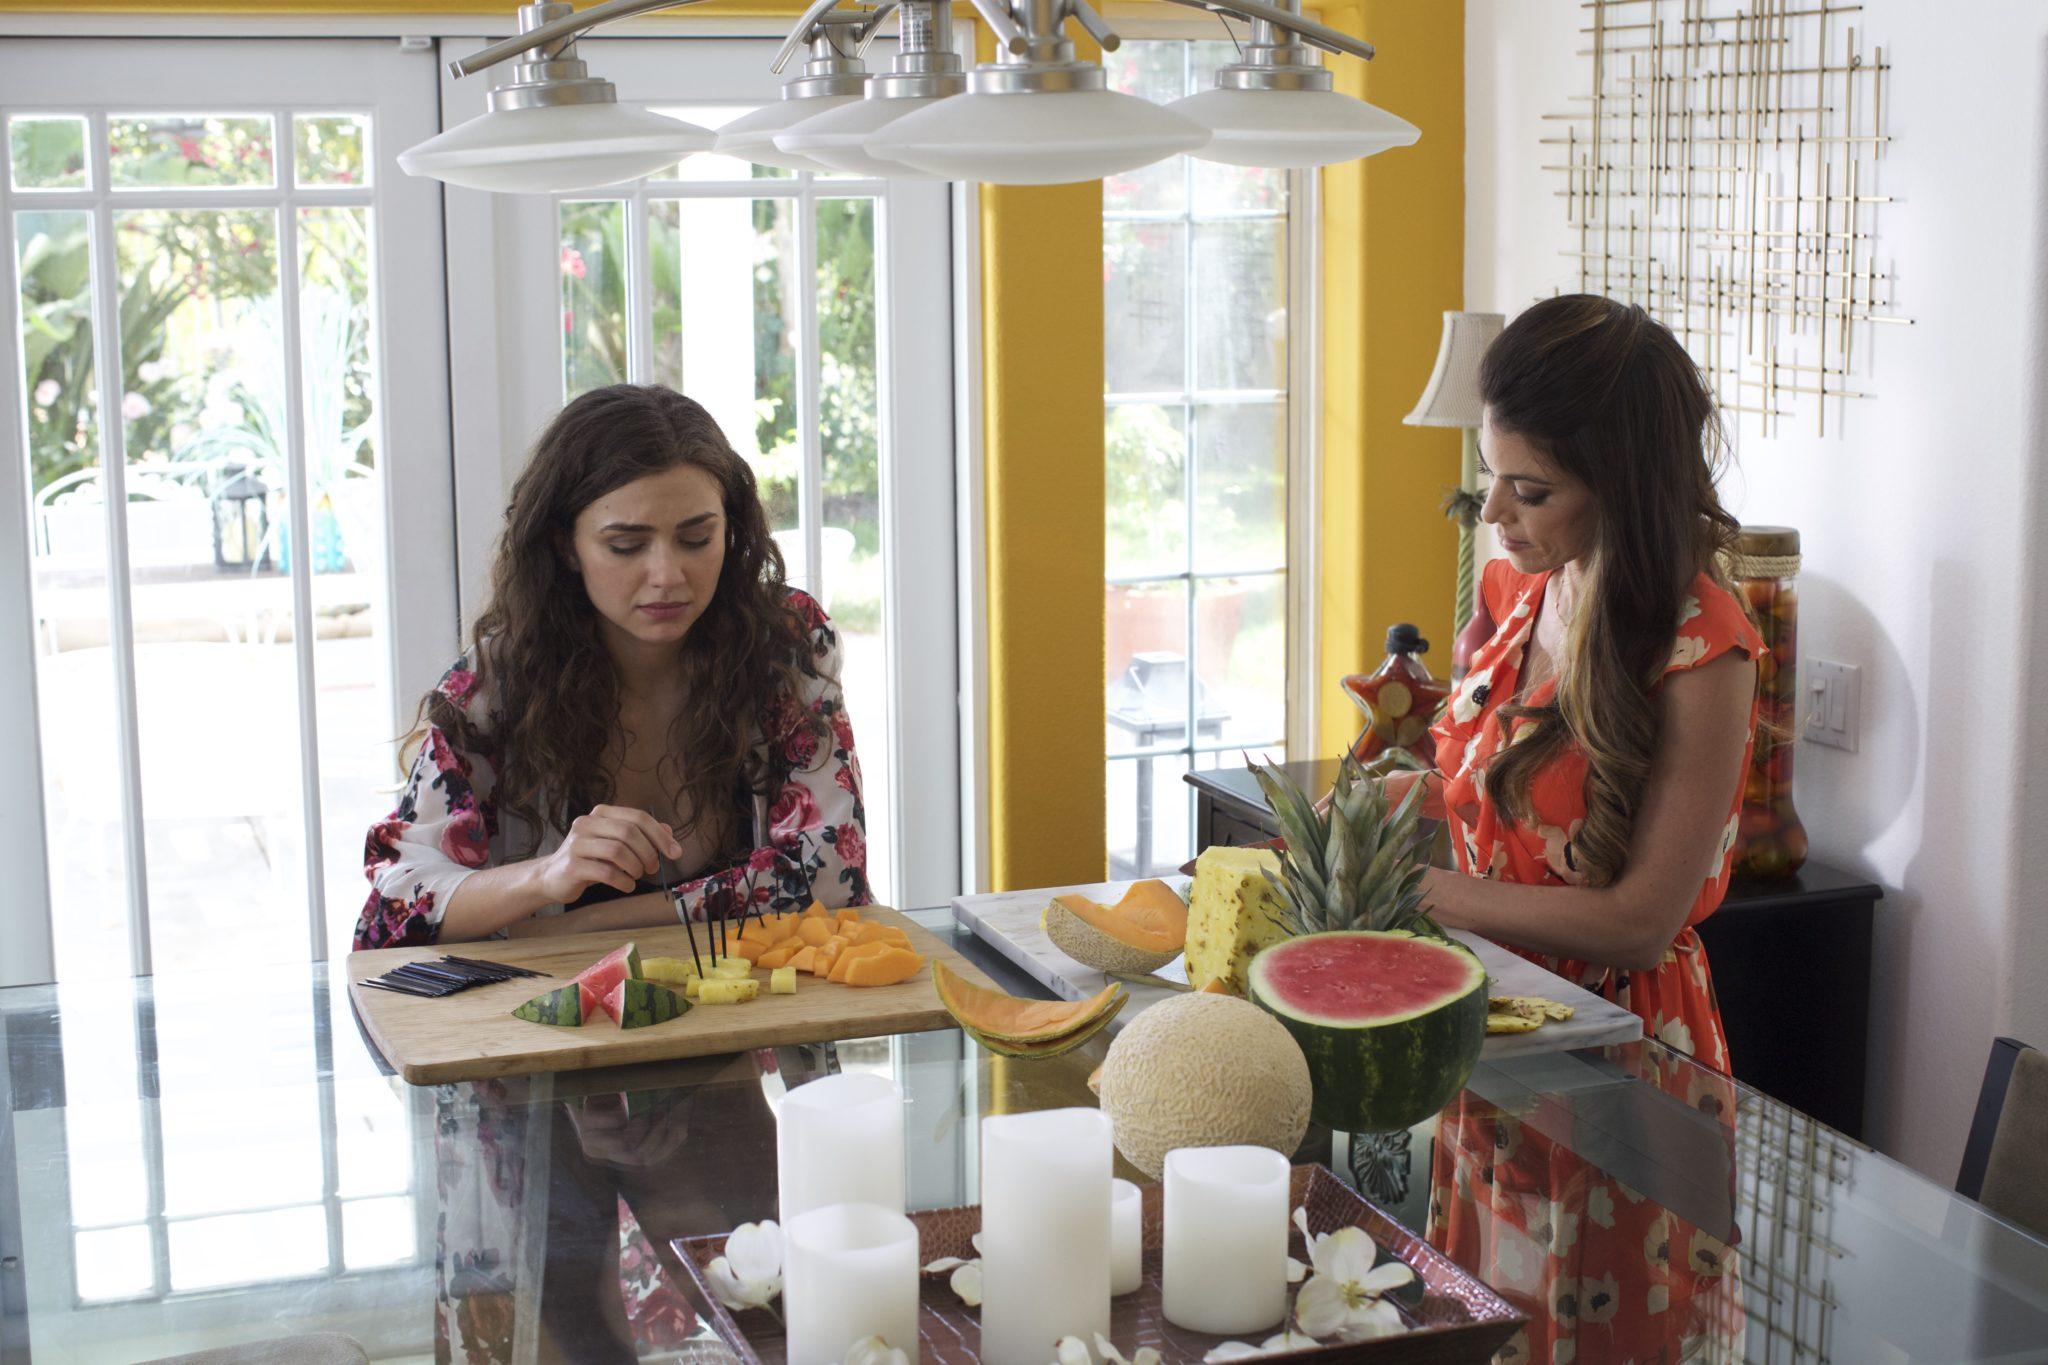 Lindsey Hartley als Mutter Lindsey und Victora Konefal als ihre Tochter sind zu sehen, wie sie Melonen zum Frühstück verspeisen.